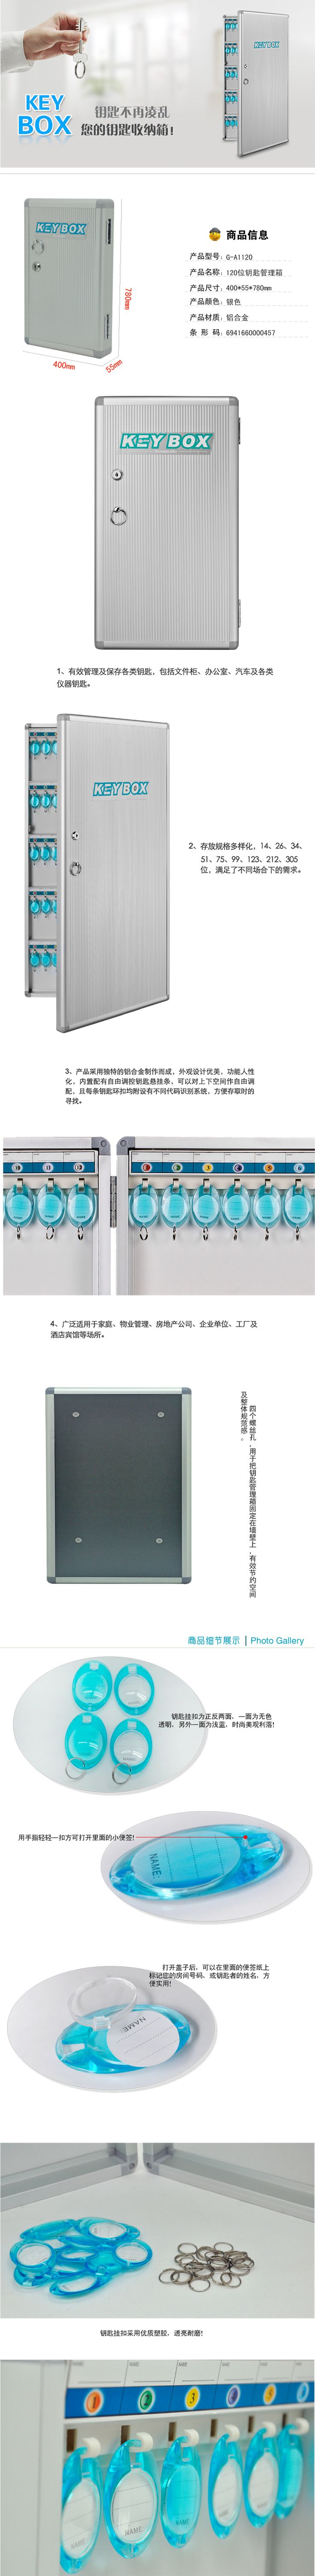 Elegant light key box-- capacity 120pcs.